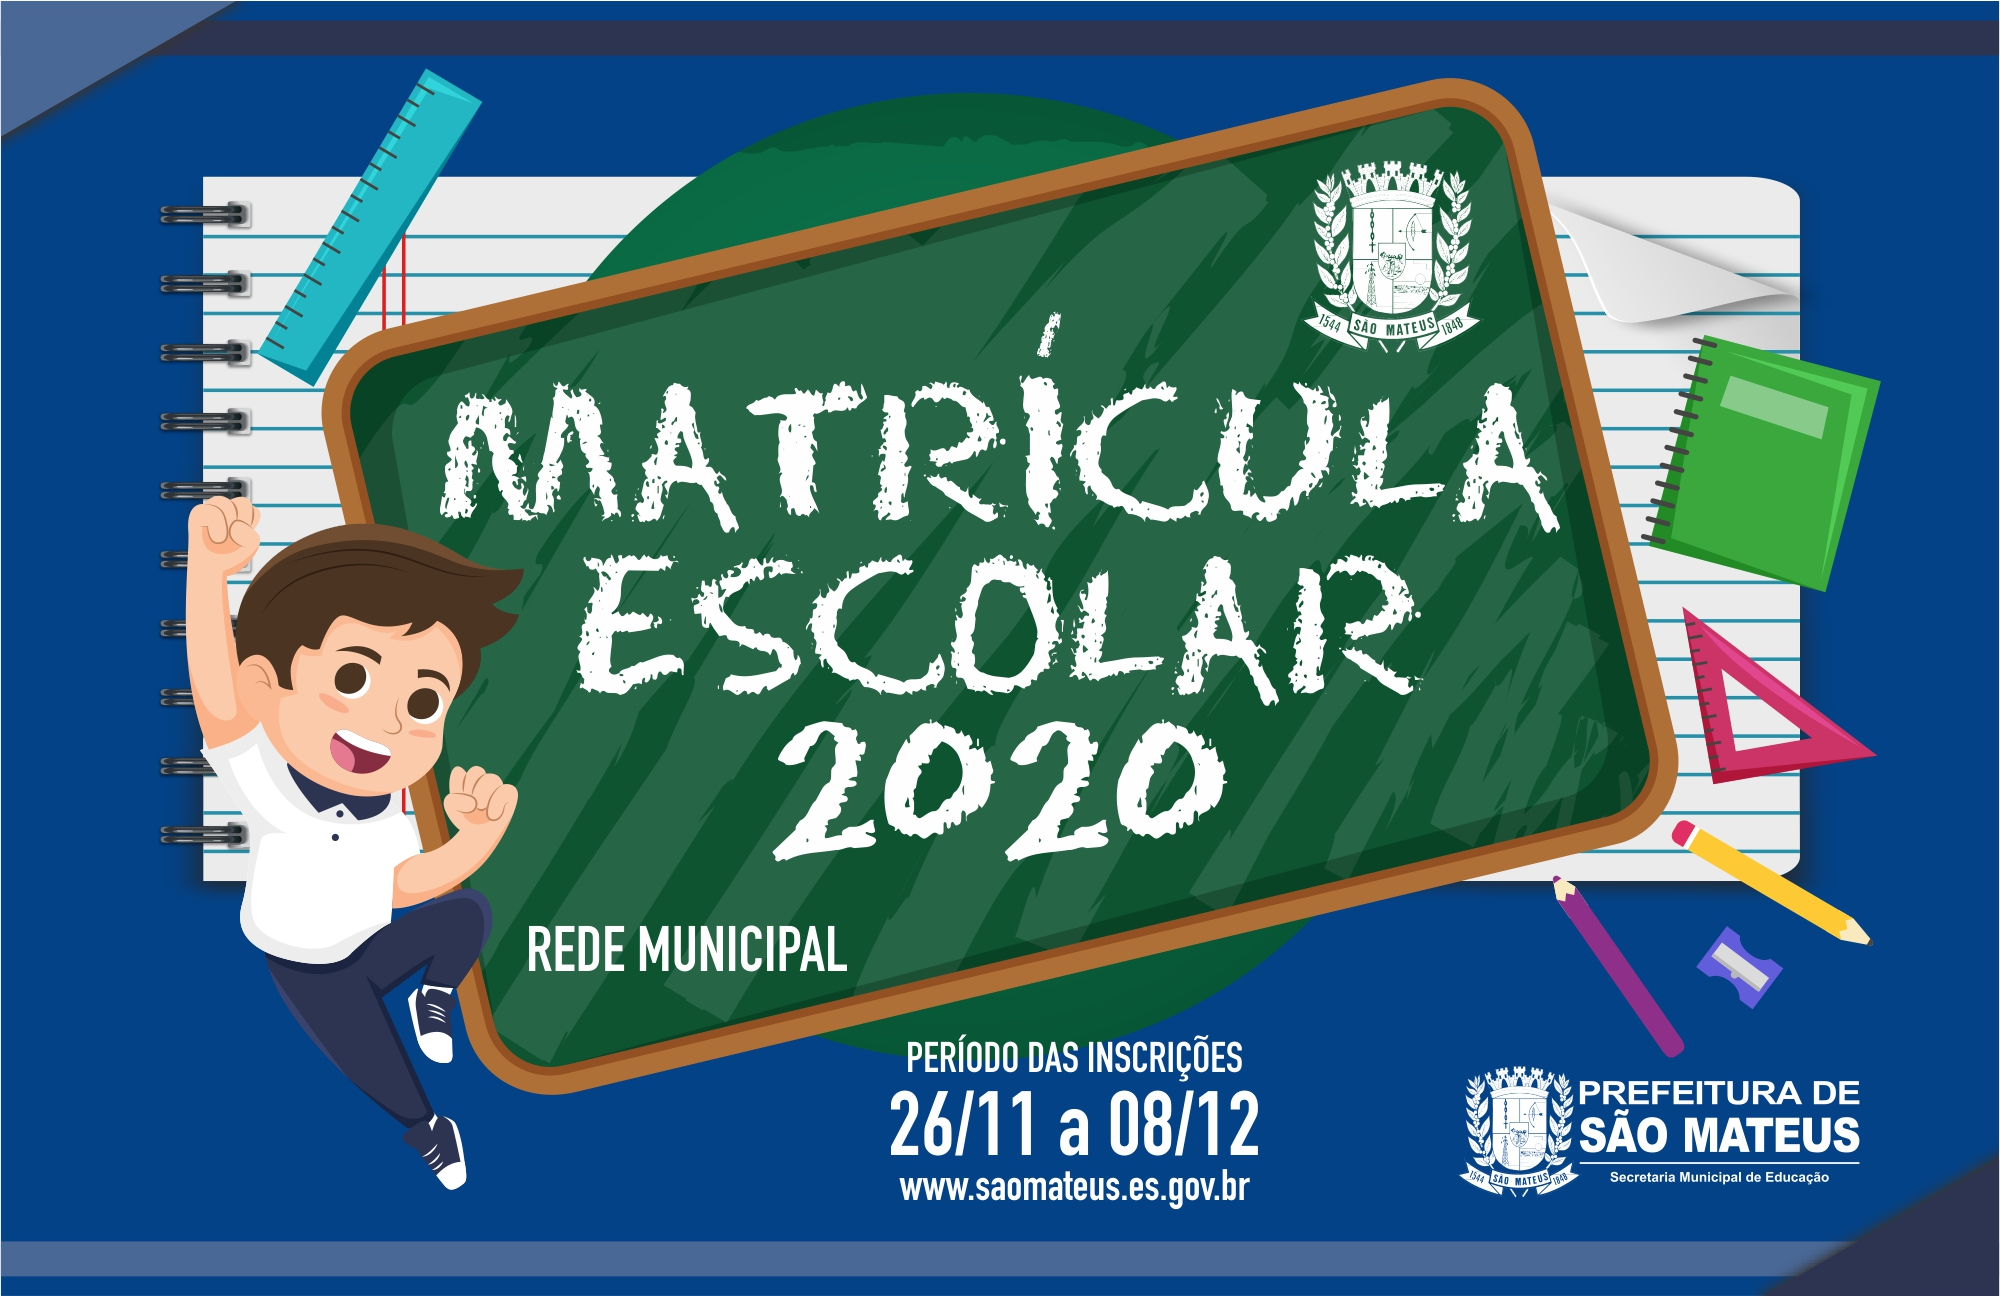 MATRÍCULAS PARA A REDE MUNICIPAL COMEÇAM NESTA TERÇA-FEIRA